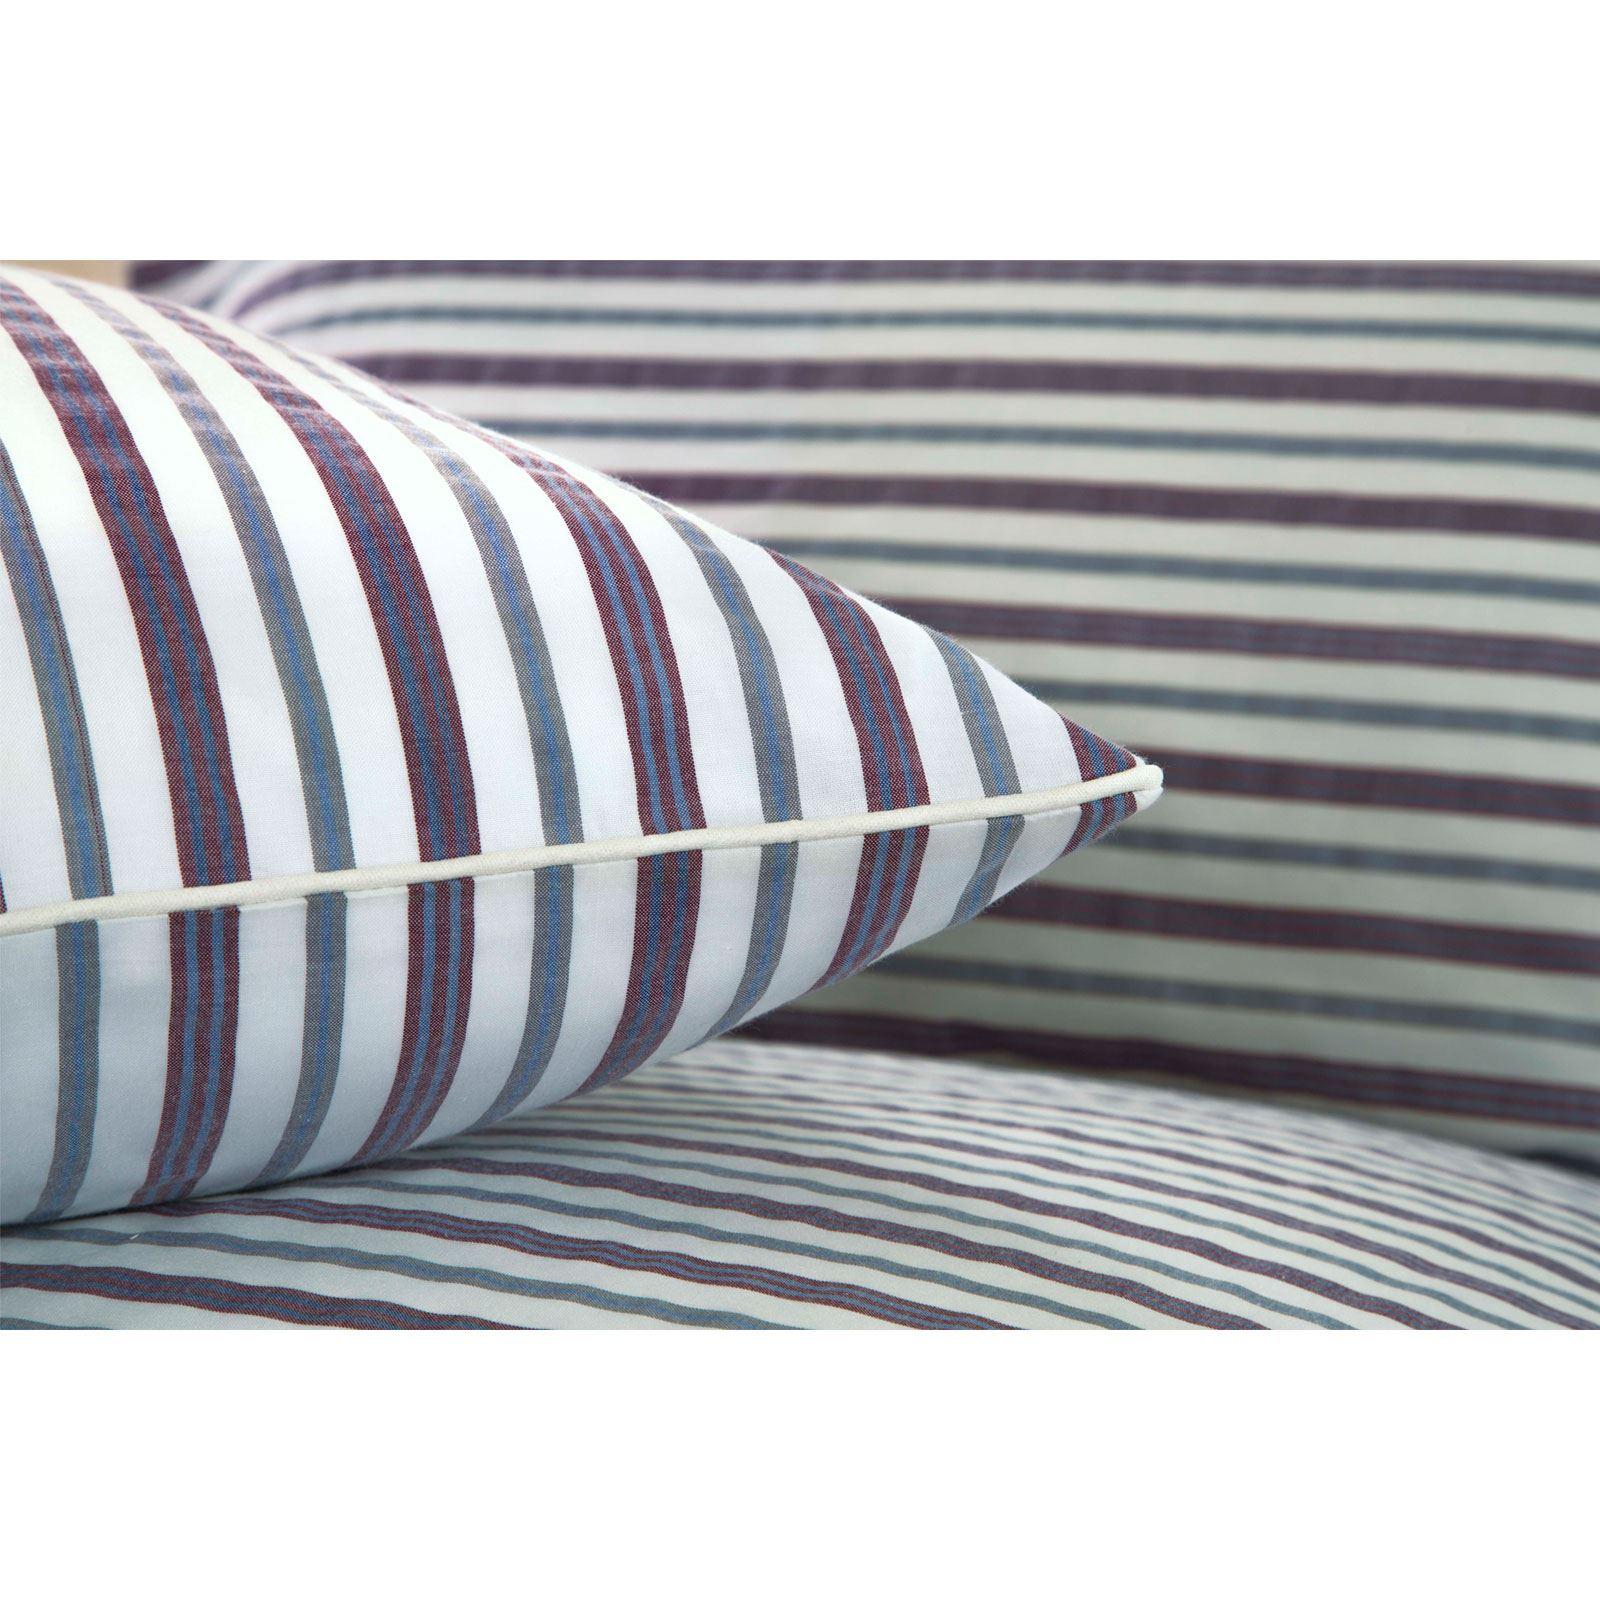 De-Lujo-Suave-Algodon-Rico-Tejido-Stripe-Multi-Funda-Nordica-Edredon-De-Rayas-Juego-De-Cama miniatura 21